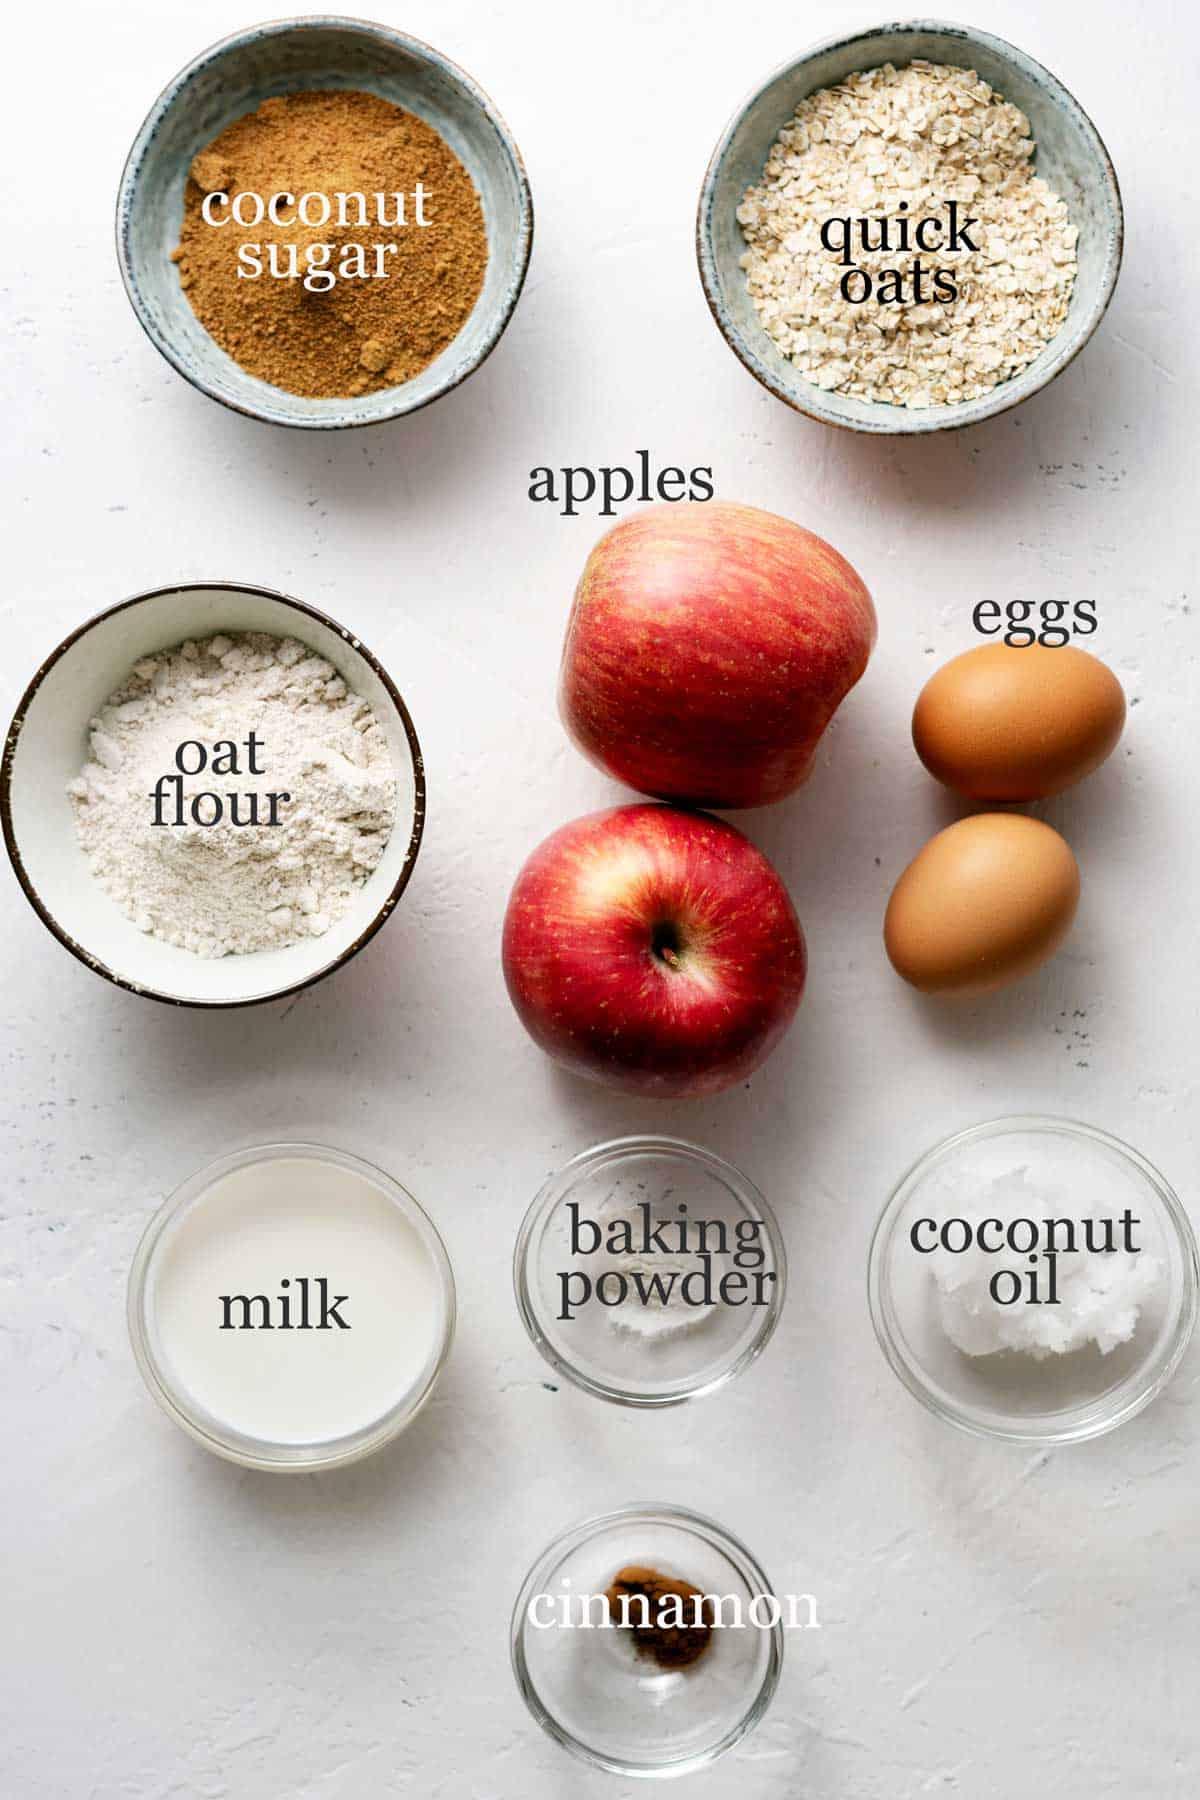 healthy apple cake ingredients.